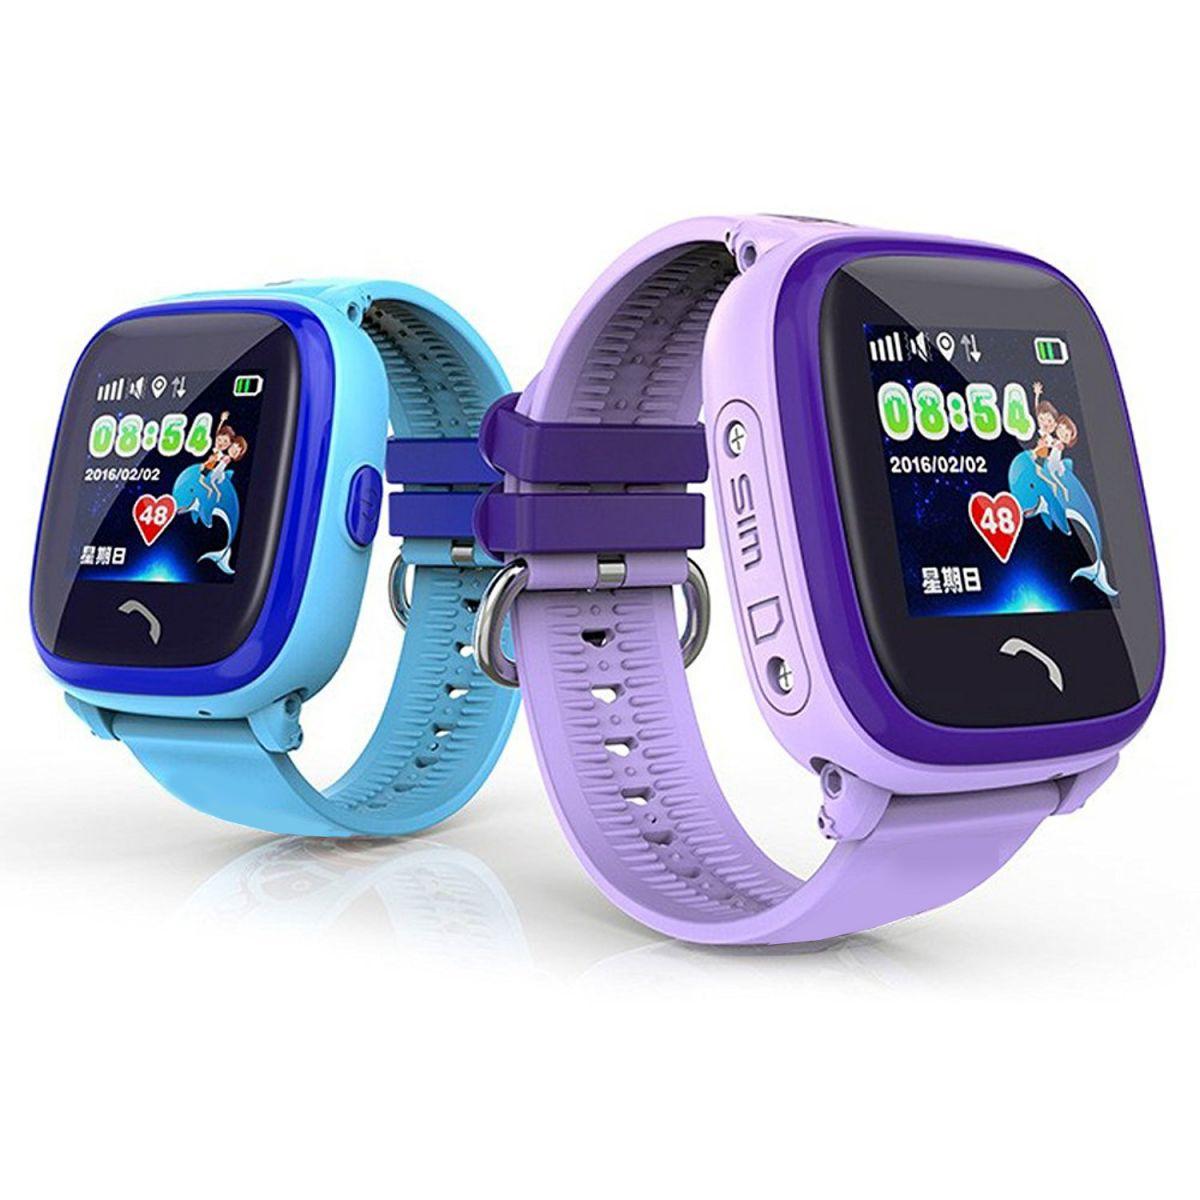 Đồng hồ thông minh Wonlex GW 400S